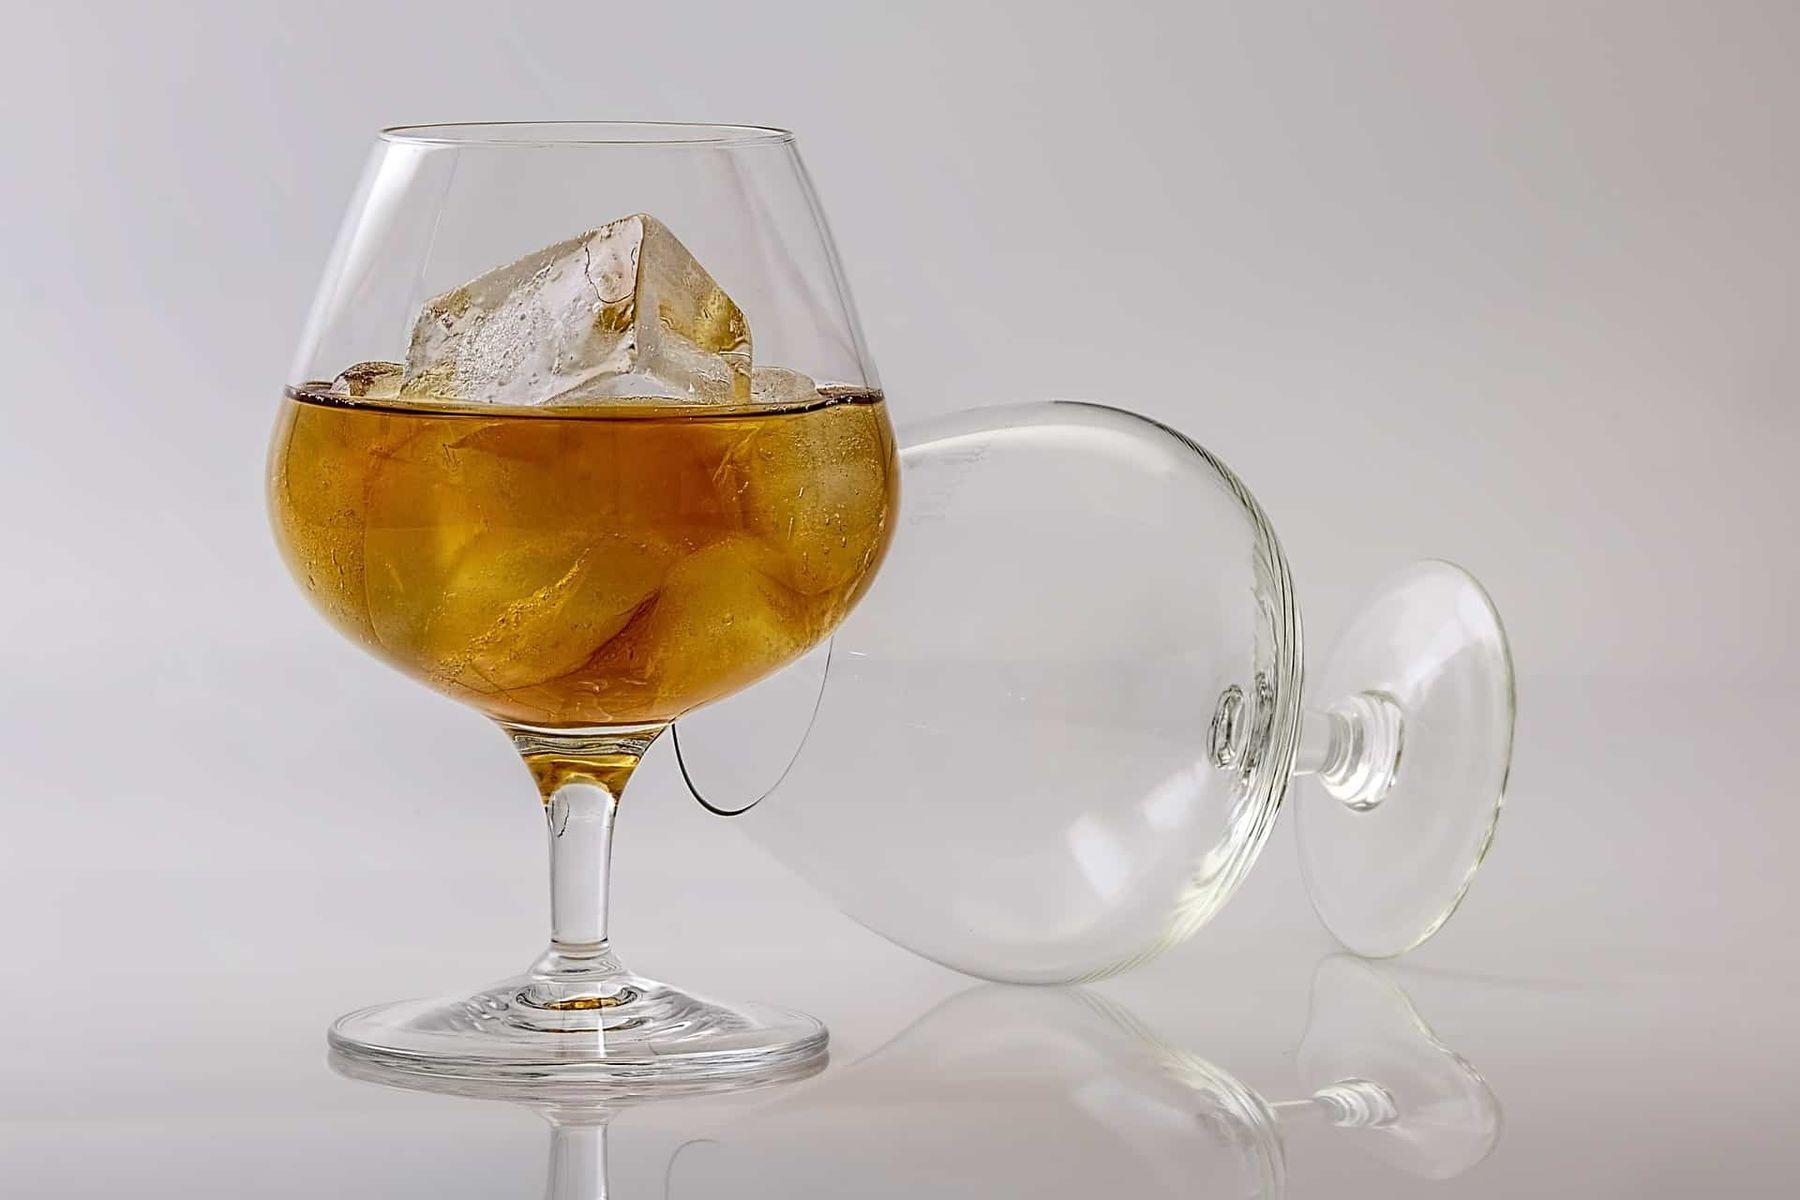 Rượu - nguyên liệu khử mùi hôi giày tiện dụng